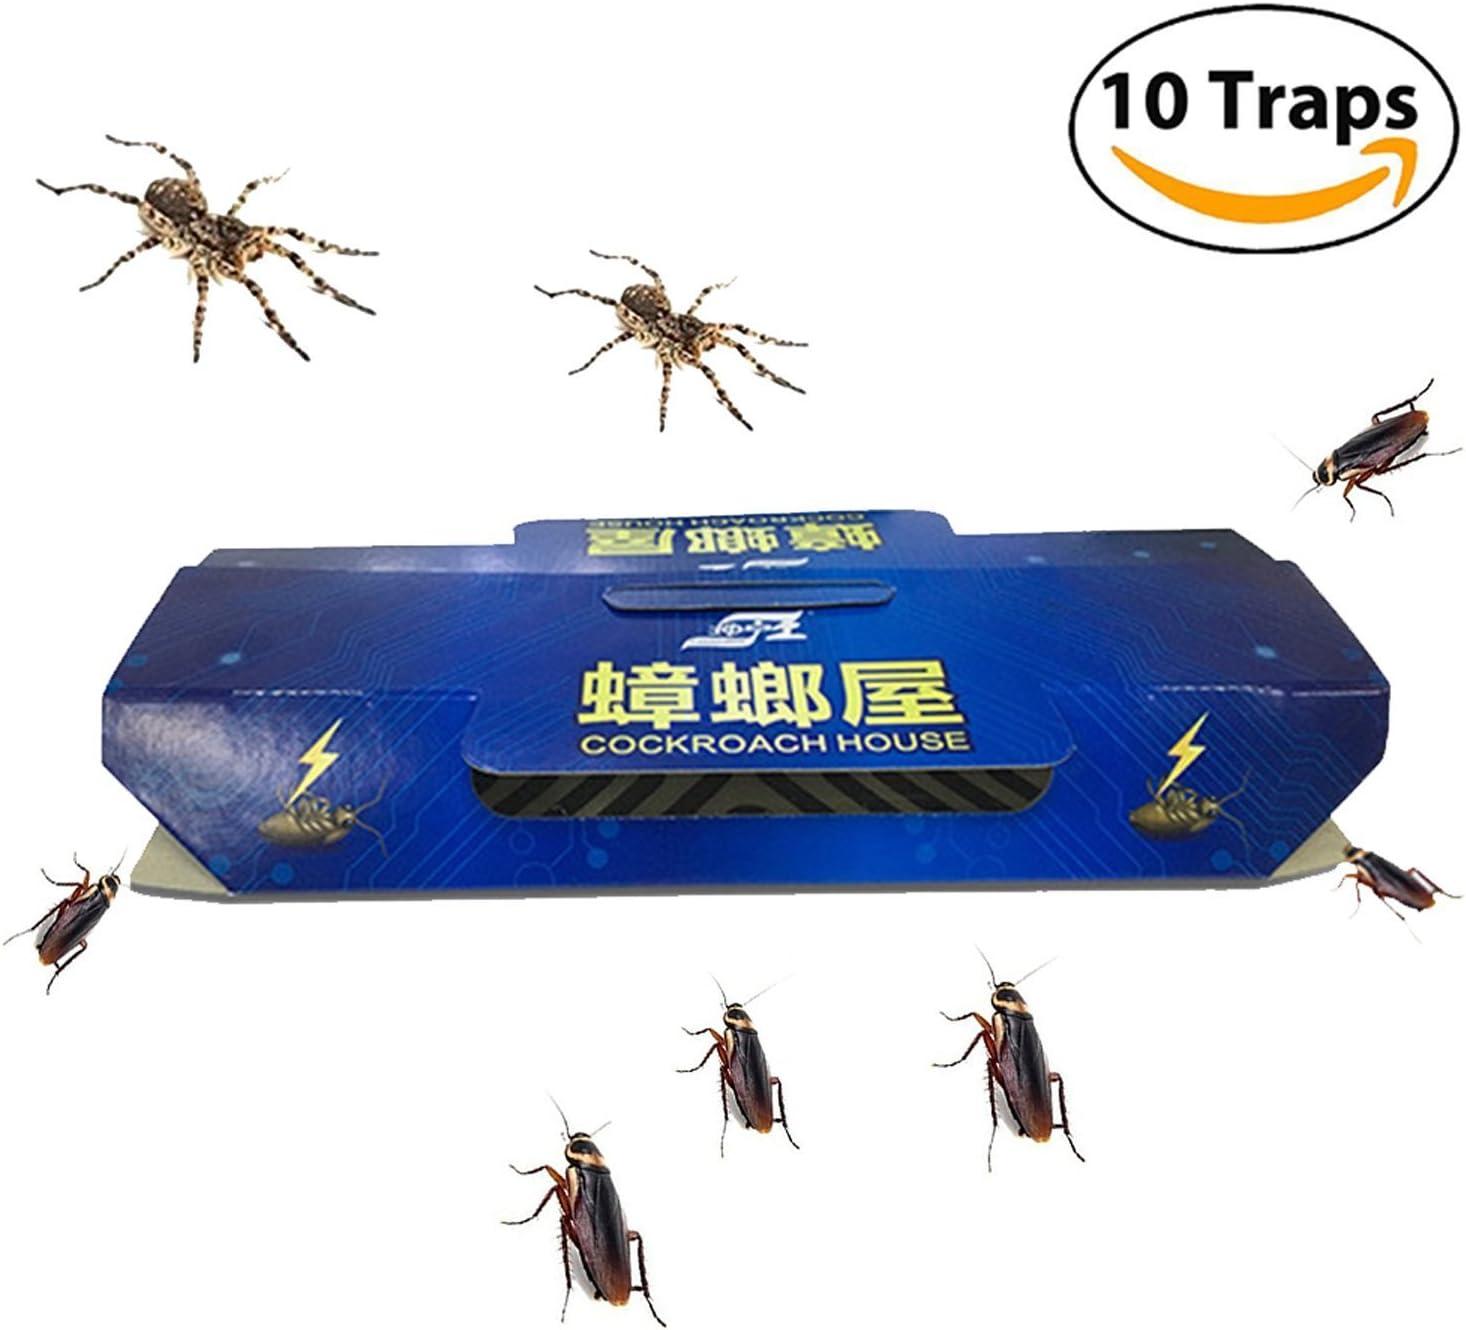 Trampa para cucarachas con cebo incluido, casa de cucarachas no tóxica y respetuosa con el medio ambiente, paquete de 10